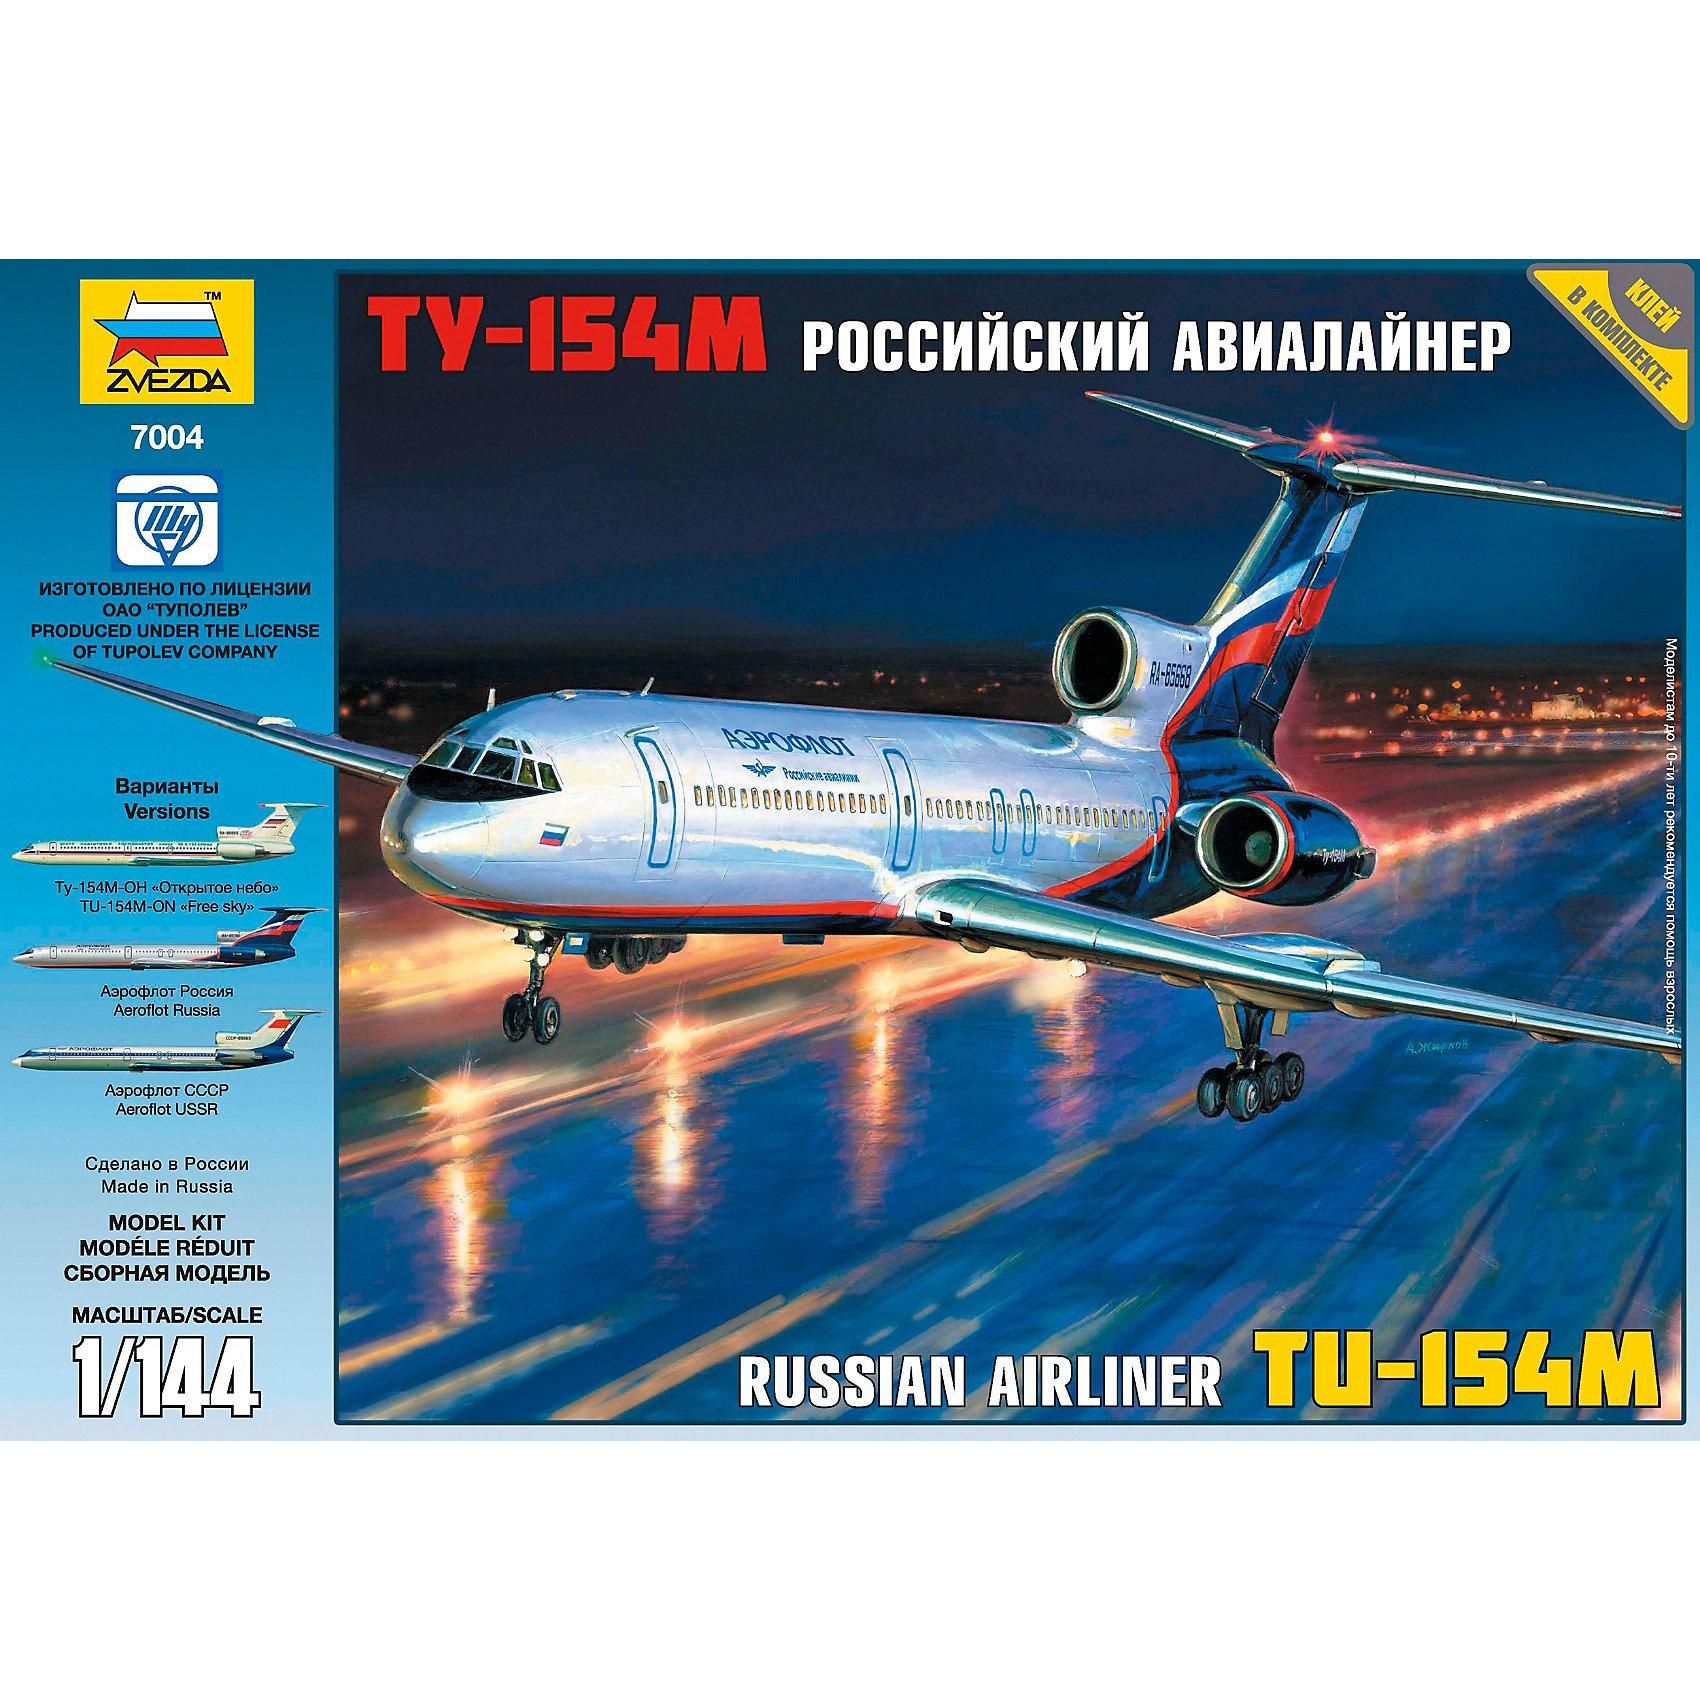 Сборная модель самолета Российский авиалайнерТу-154М, ЗвездаСамолёты и вертолёты<br>Сборная модель самолета Российский авиалайнерТу-154М, Звезда – это модель среднемагистрального пассажирского самолета Ту-154 М, разработанного в КБ им. А.Н. Туполева. <br><br>Этот лайнер является одним из самых массовых российских пассажирских самолетов. Ту-154М способен перевозить до 158 пассажиров на расстояние до 3500 км со скоростью до 950 км/ч. В десятке ведущих авиакомпаний России и зарубежья ежедневно эксплуатируются сотни самолетов Ту-154М. Точная детализированная копия этого самолета не сможет оставить равнодушным ни одного мальчишку!<br><br>Особенности:<br>-Количество деталей: 76<br>-Качество изготовления наивысшее<br>-Идеально подходит для подарка<br>-Прививает практические навыки работы со схемами и чертежами<br>-Развивает интеллектуальные и инструментальные способности, воображение и конструктивное мышление<br><br>Комплектация: 76 элементов для сборки, инструкция по сборке, декаль<br><br>Дополнительная информация:<br>-Клей, кисточка и краски приобретаются отдельно<br>-Длина собранной модели: около 33 см<br><br>Игрушка Сборная модель «Российский авиалайнер Ту-154М» серии Звезда - это интересный и развивающий досуг для детей и их родителей!<br><br>Сборную модель самолета Российский авиалайнерТу-154М, Звезда можно купить в нашем магазине.<br><br>Ширина мм: 345<br>Глубина мм: 60<br>Высота мм: 242<br>Вес г: 280<br>Возраст от месяцев: 36<br>Возраст до месяцев: 168<br>Пол: Мужской<br>Возраст: Детский<br>SKU: 3676469